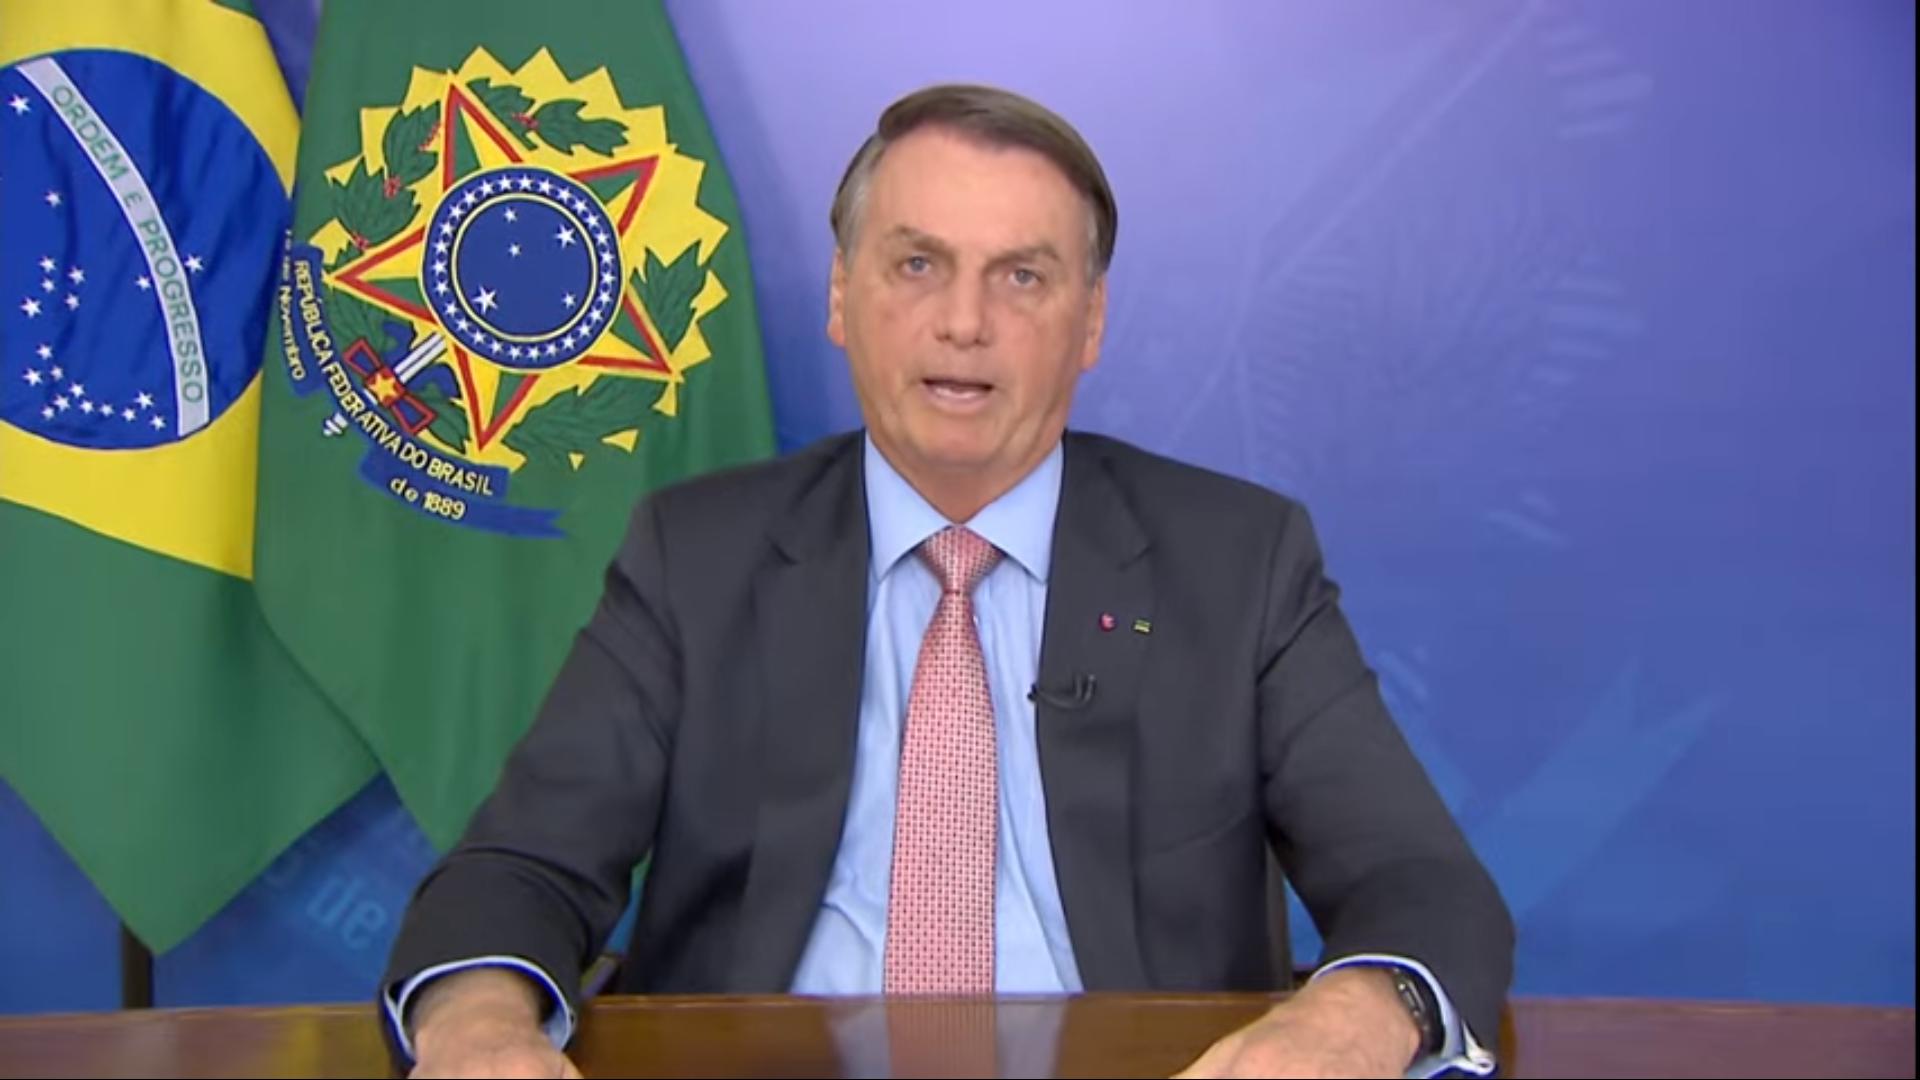 IMAGEM: Bolsonaro mentiu sobre Barroso e o estupro de vulnerável